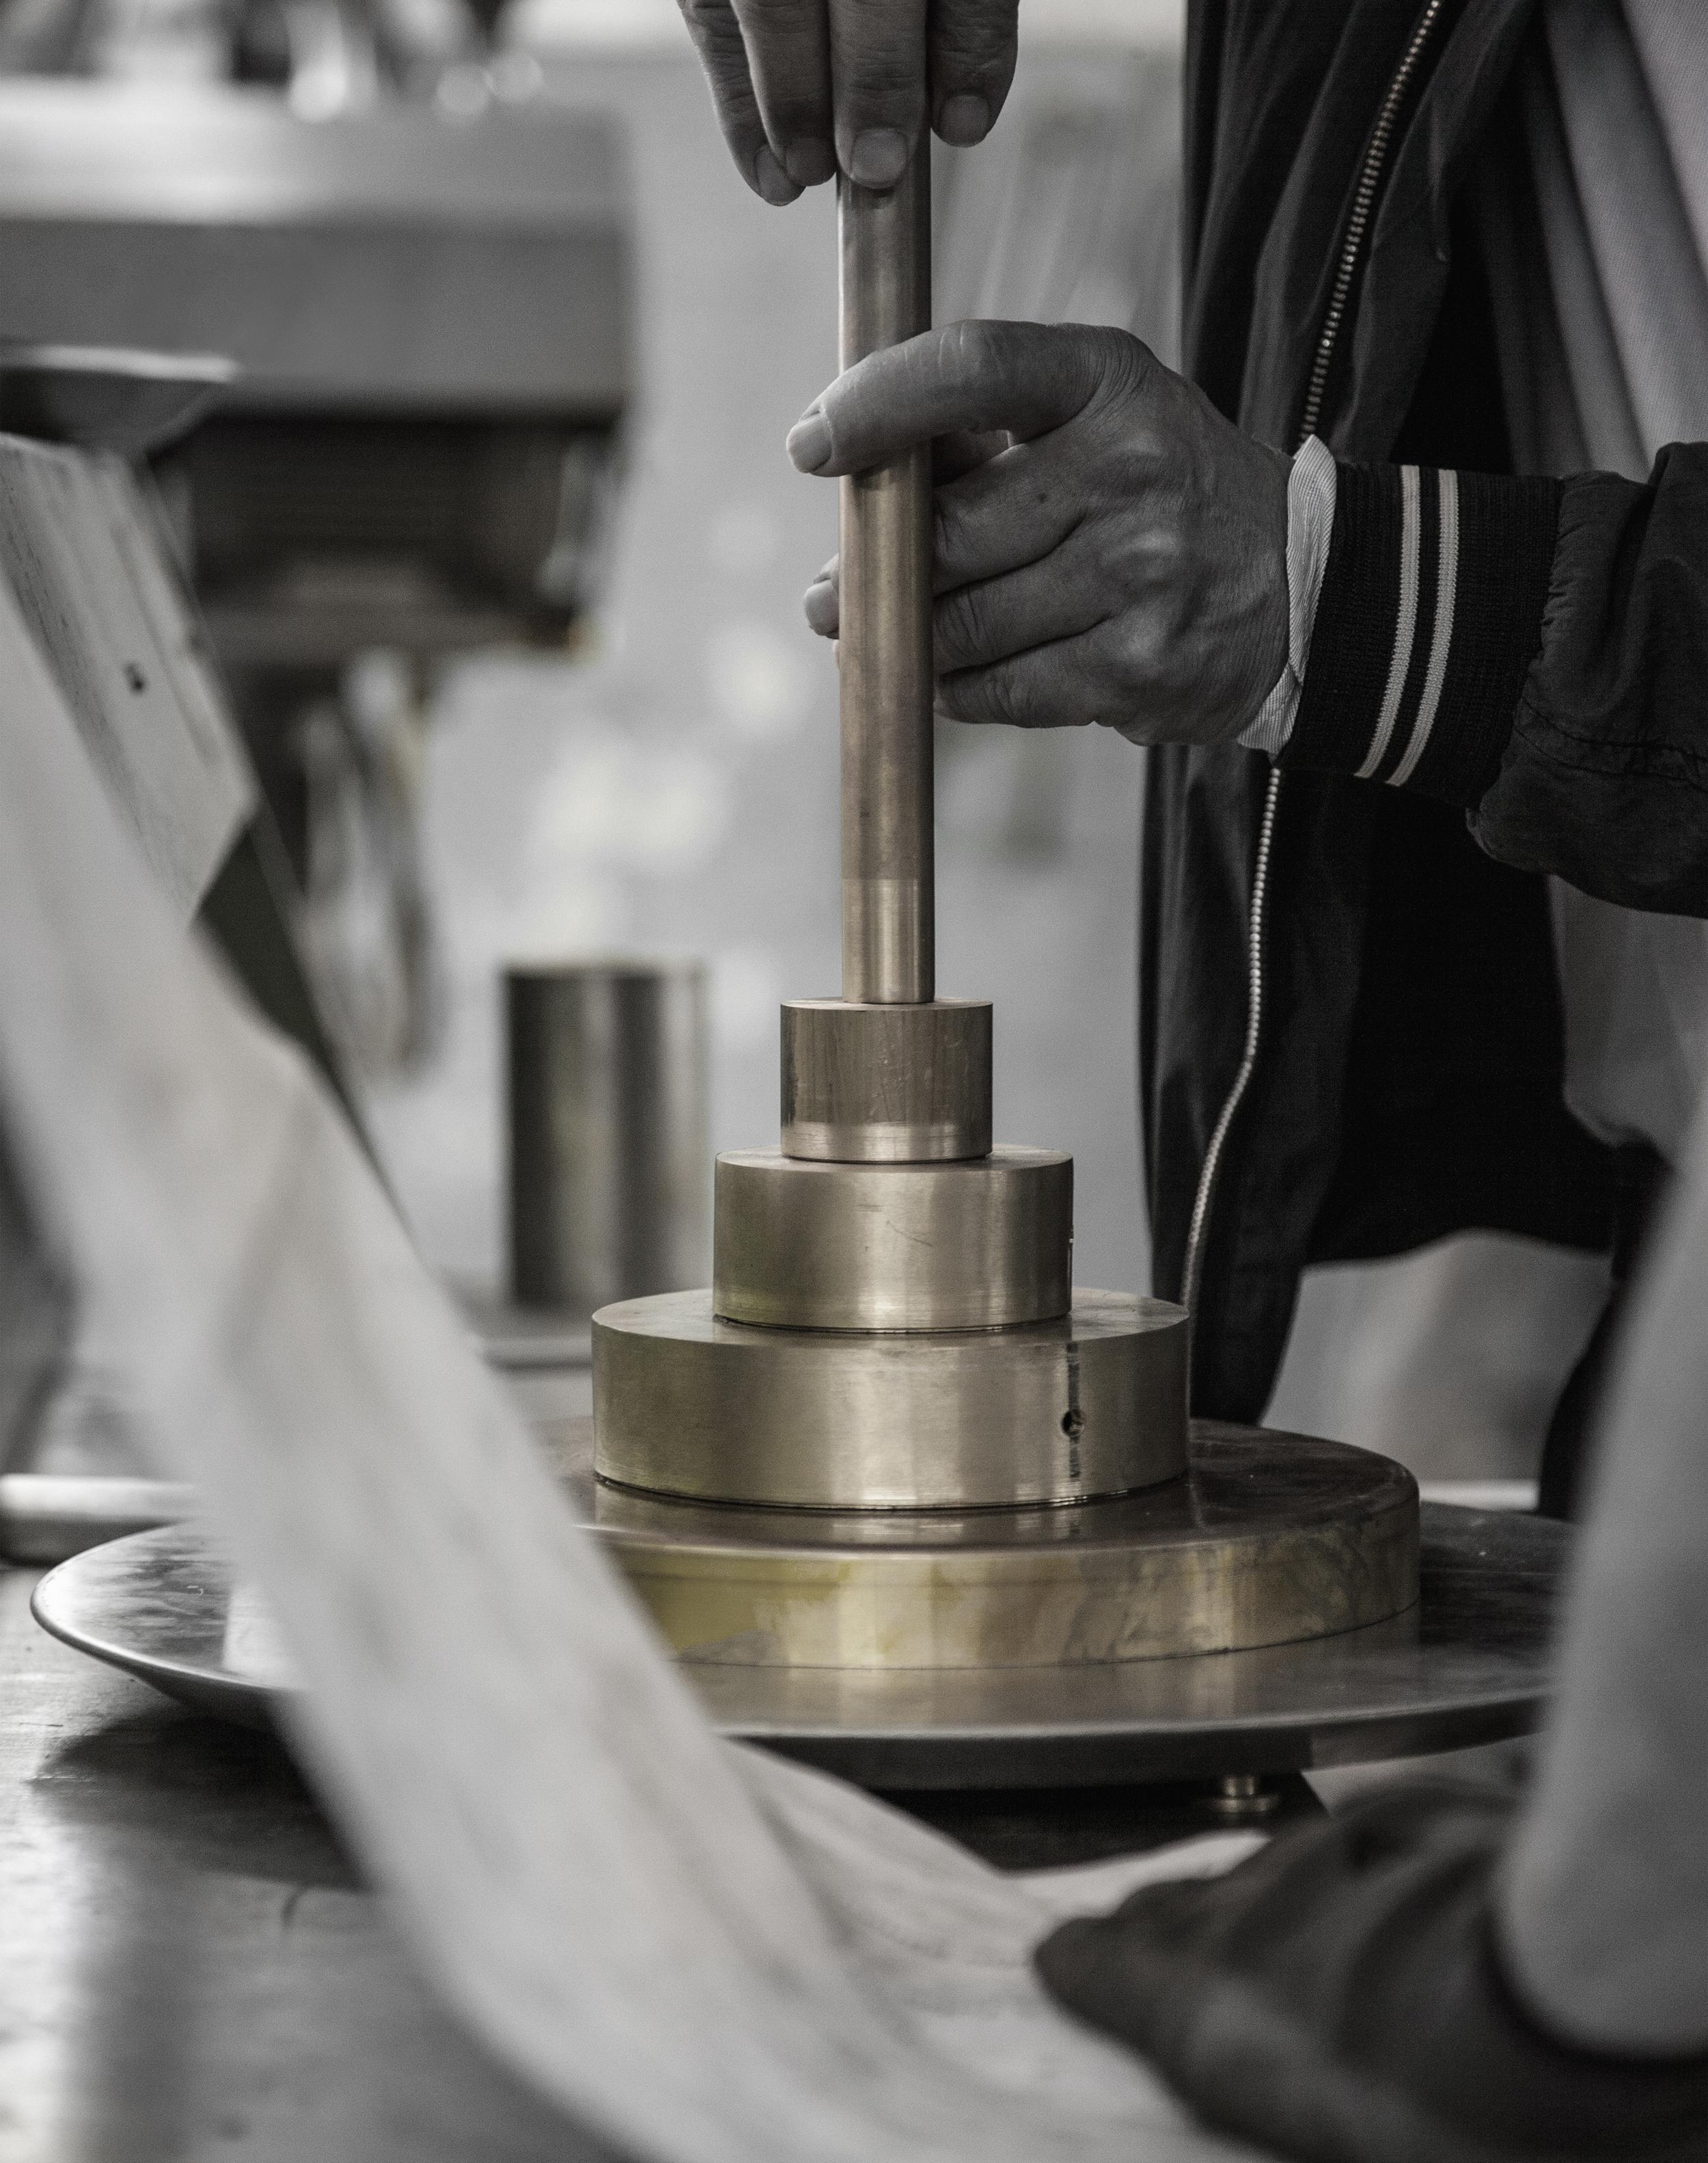 delightfull-handcraft-detail10-lighting-design-handmade-production.jpg